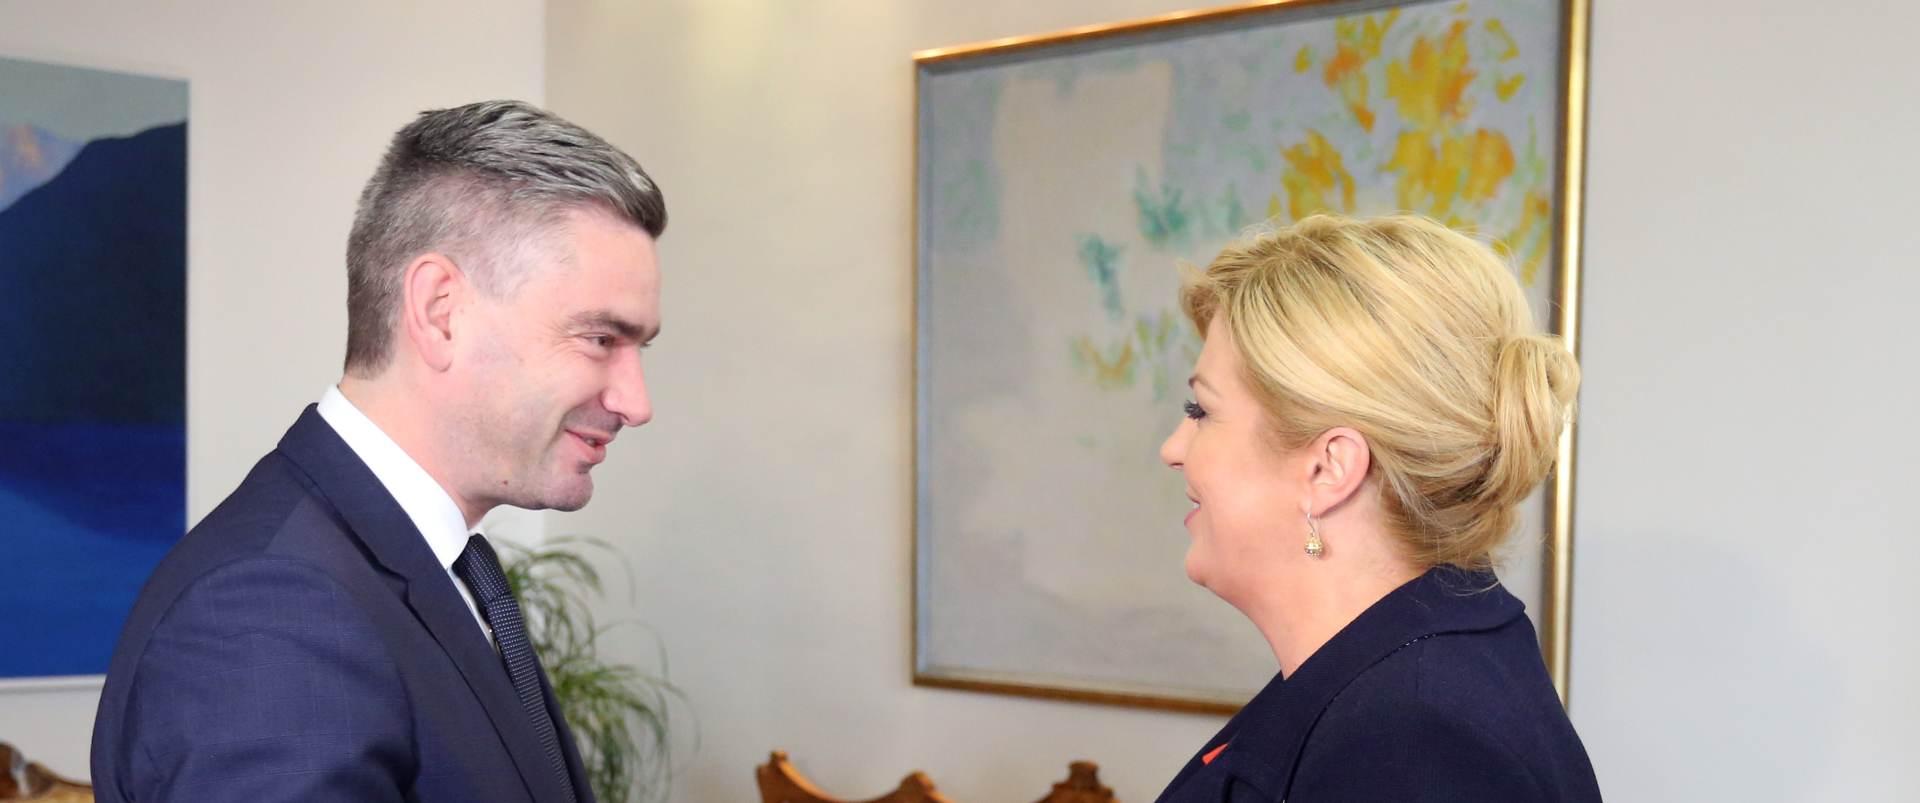 TRAŽI SE MANDATAR VLADE: Na Pantovčaku počele konzultacije